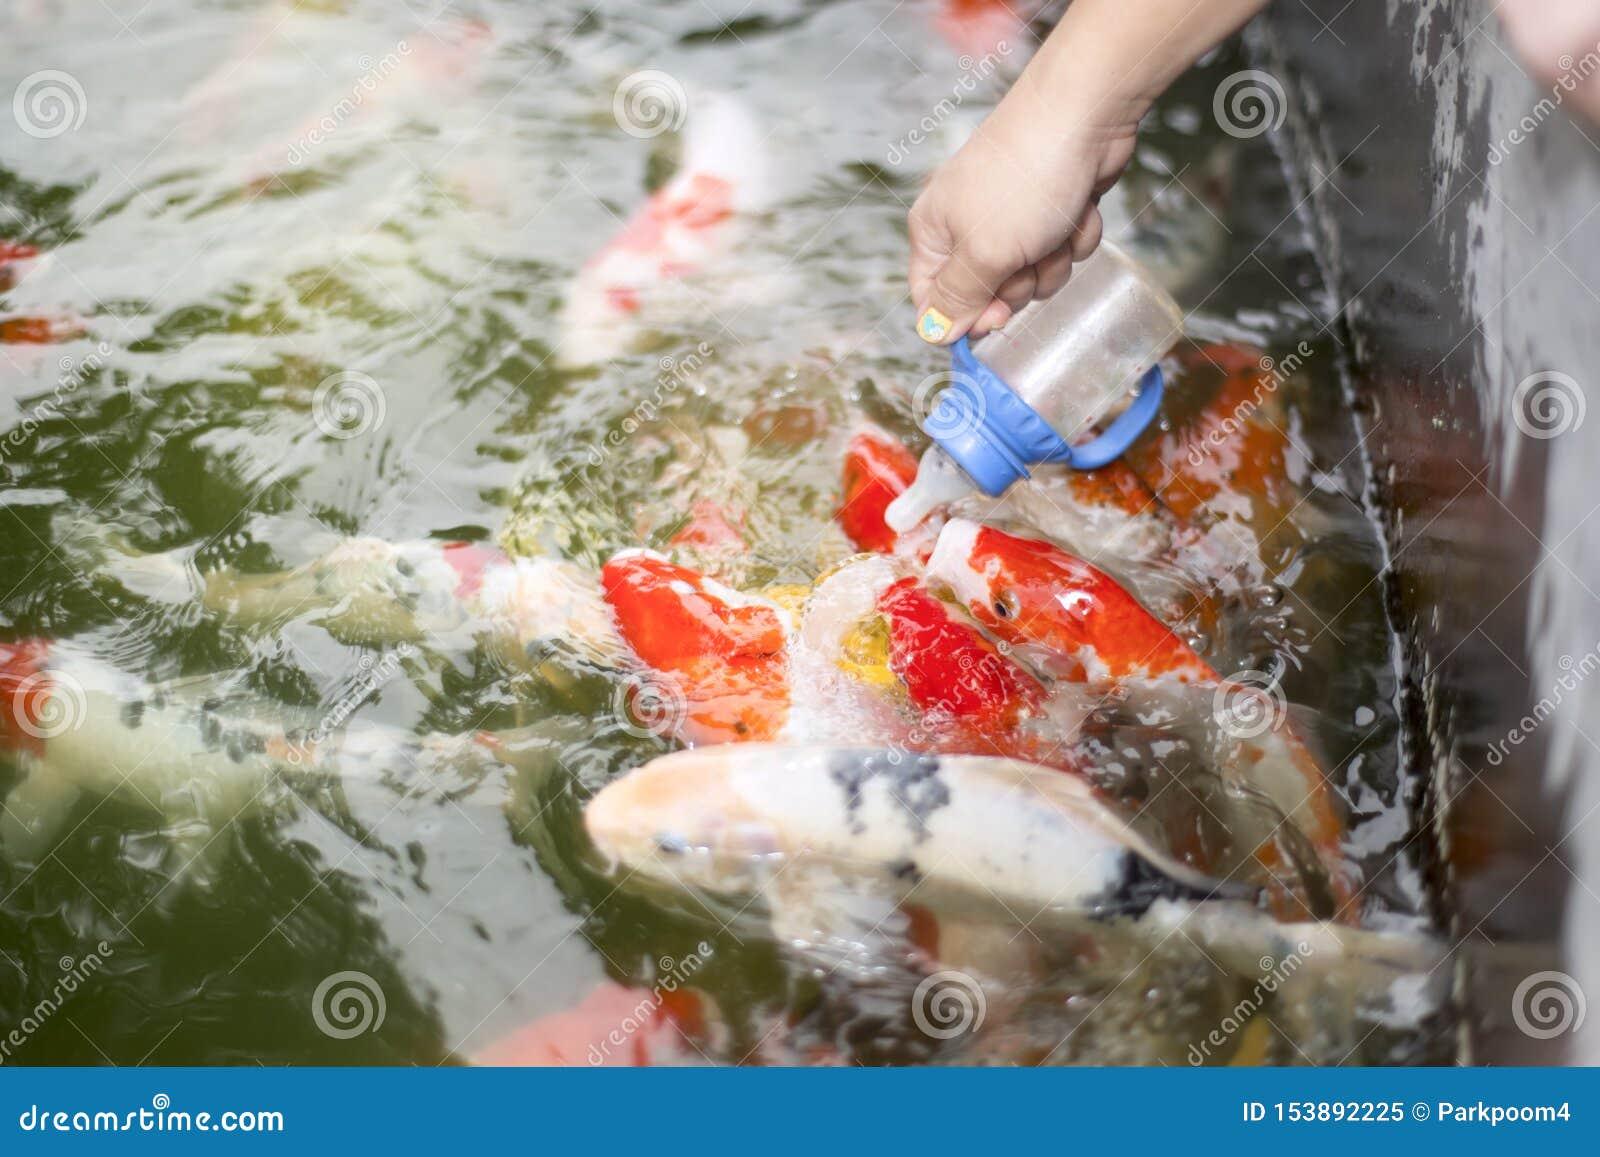 Frauenhand, die bunte Karpfenfische einzieht